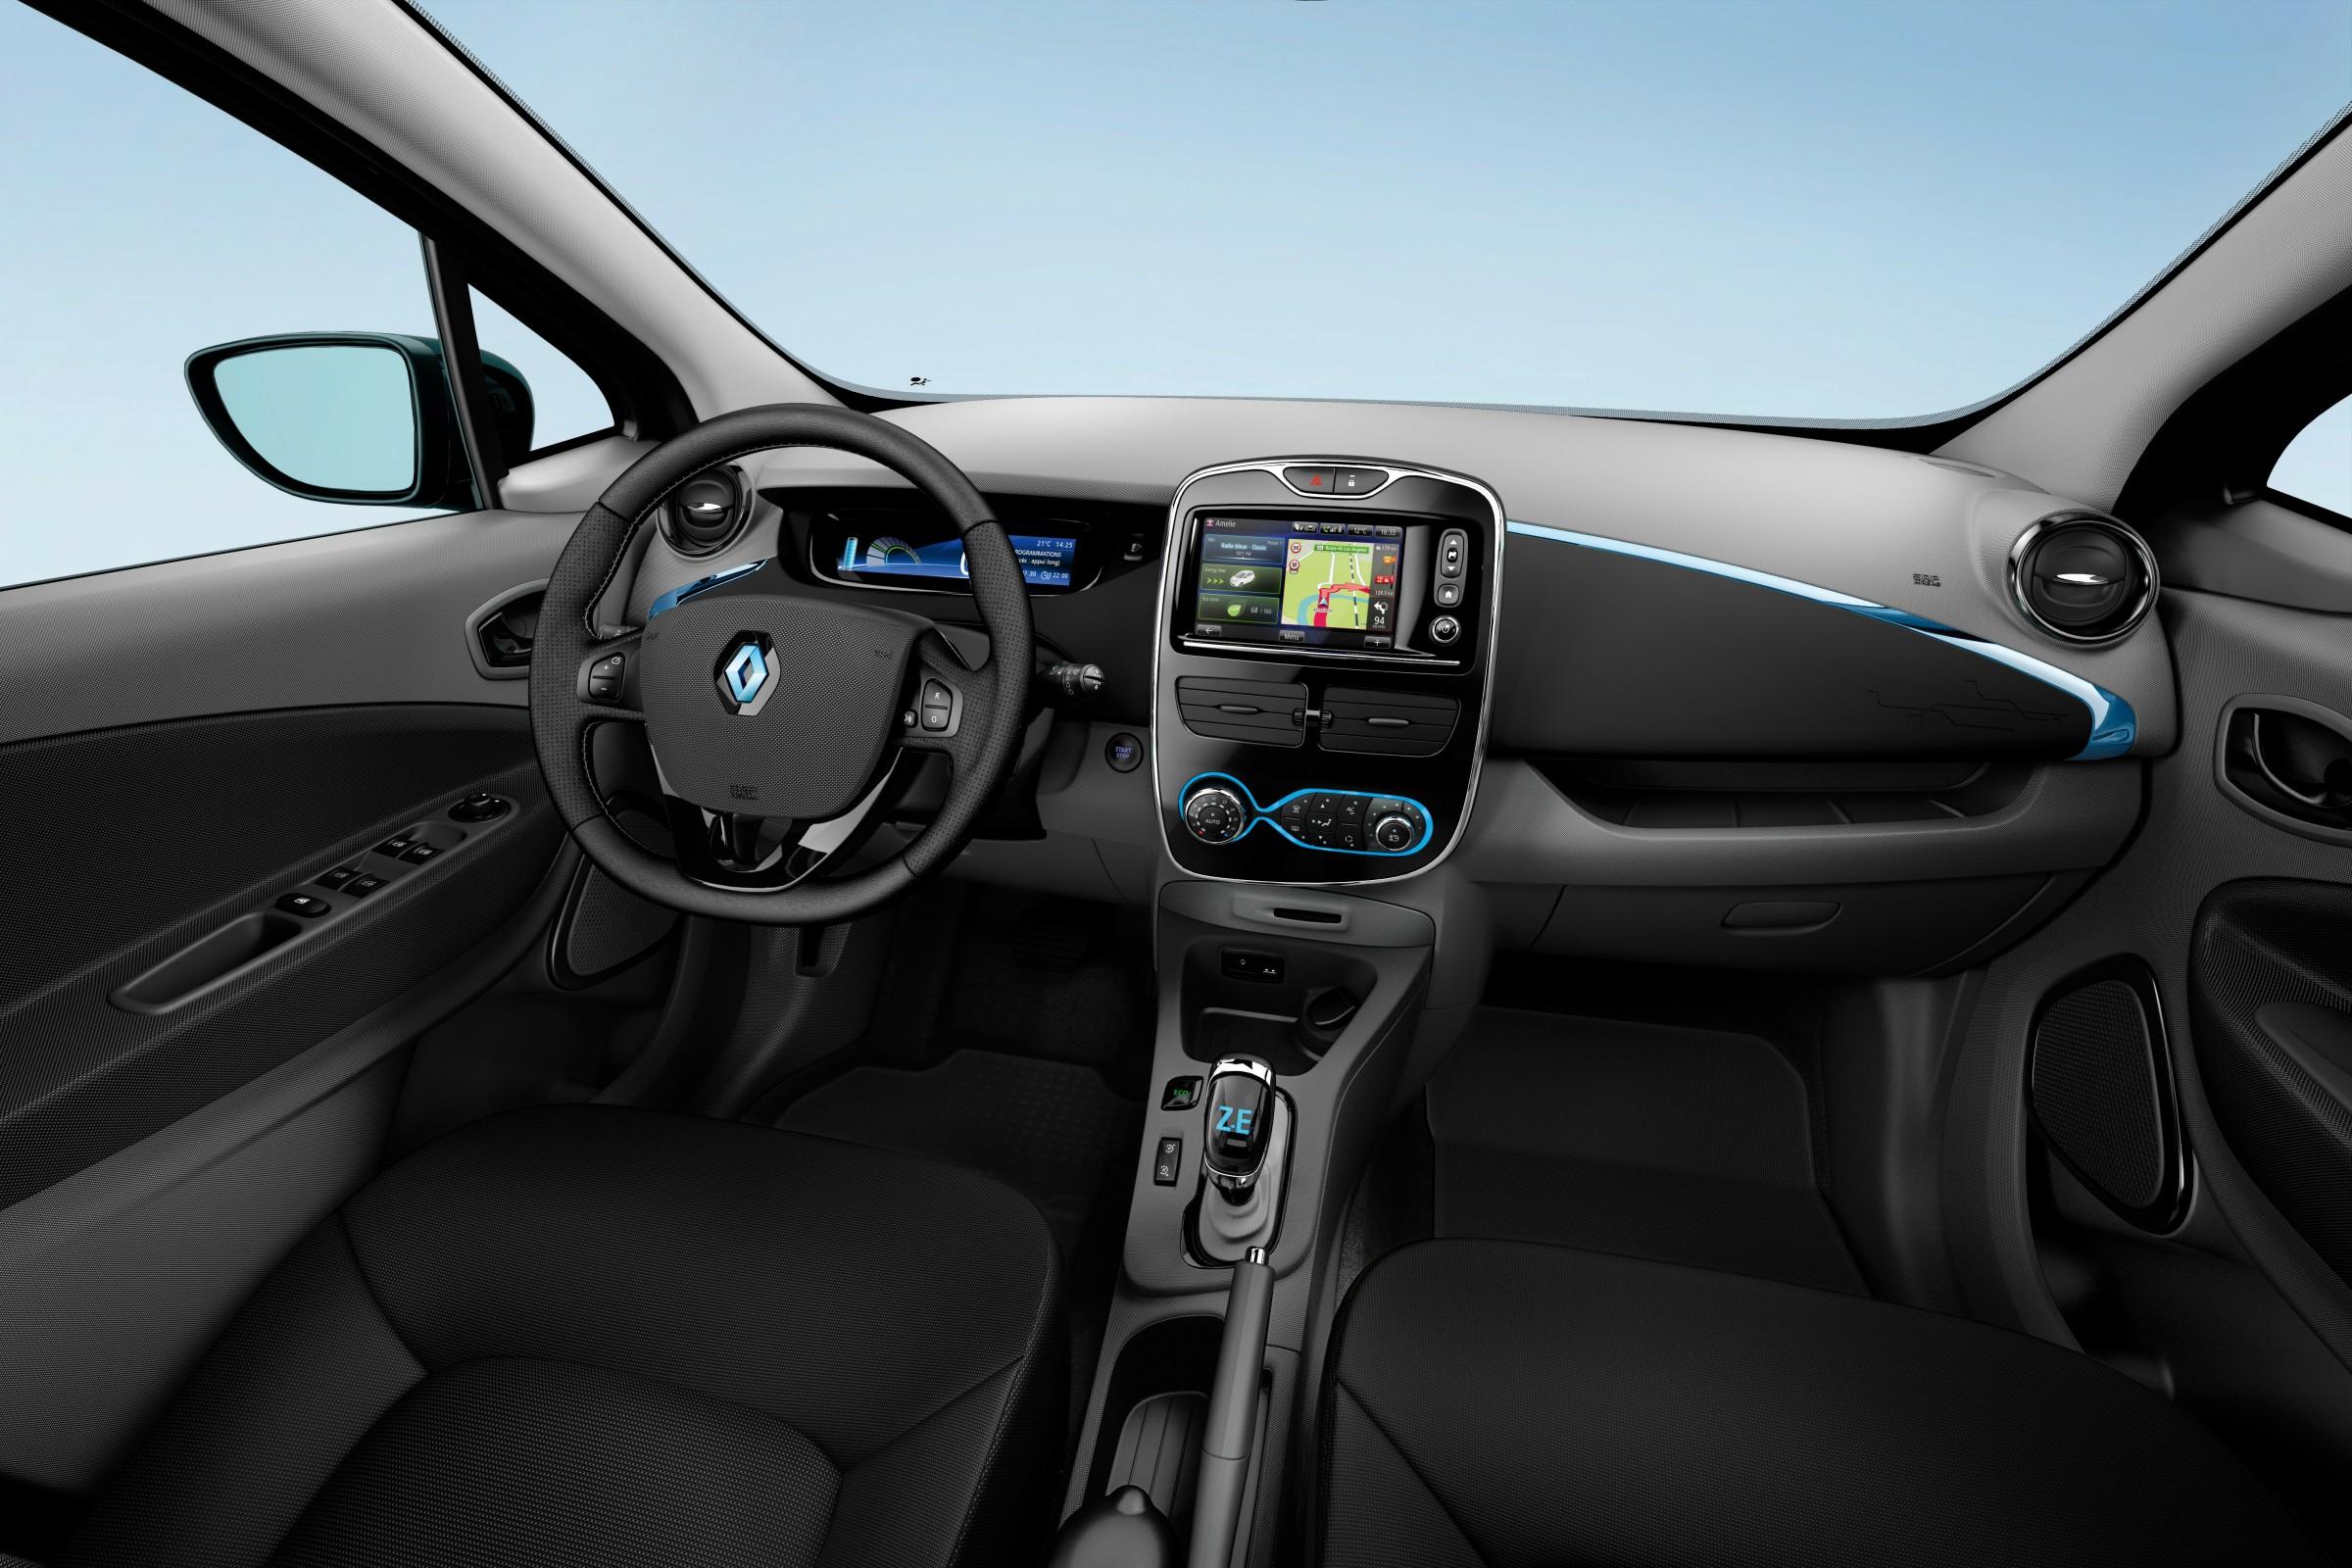 Dei uma volta no Renault Zoe e conto todos os diferencias de dirigir um elétrico, desde o torque imediato até a independência dos postos de combustível.